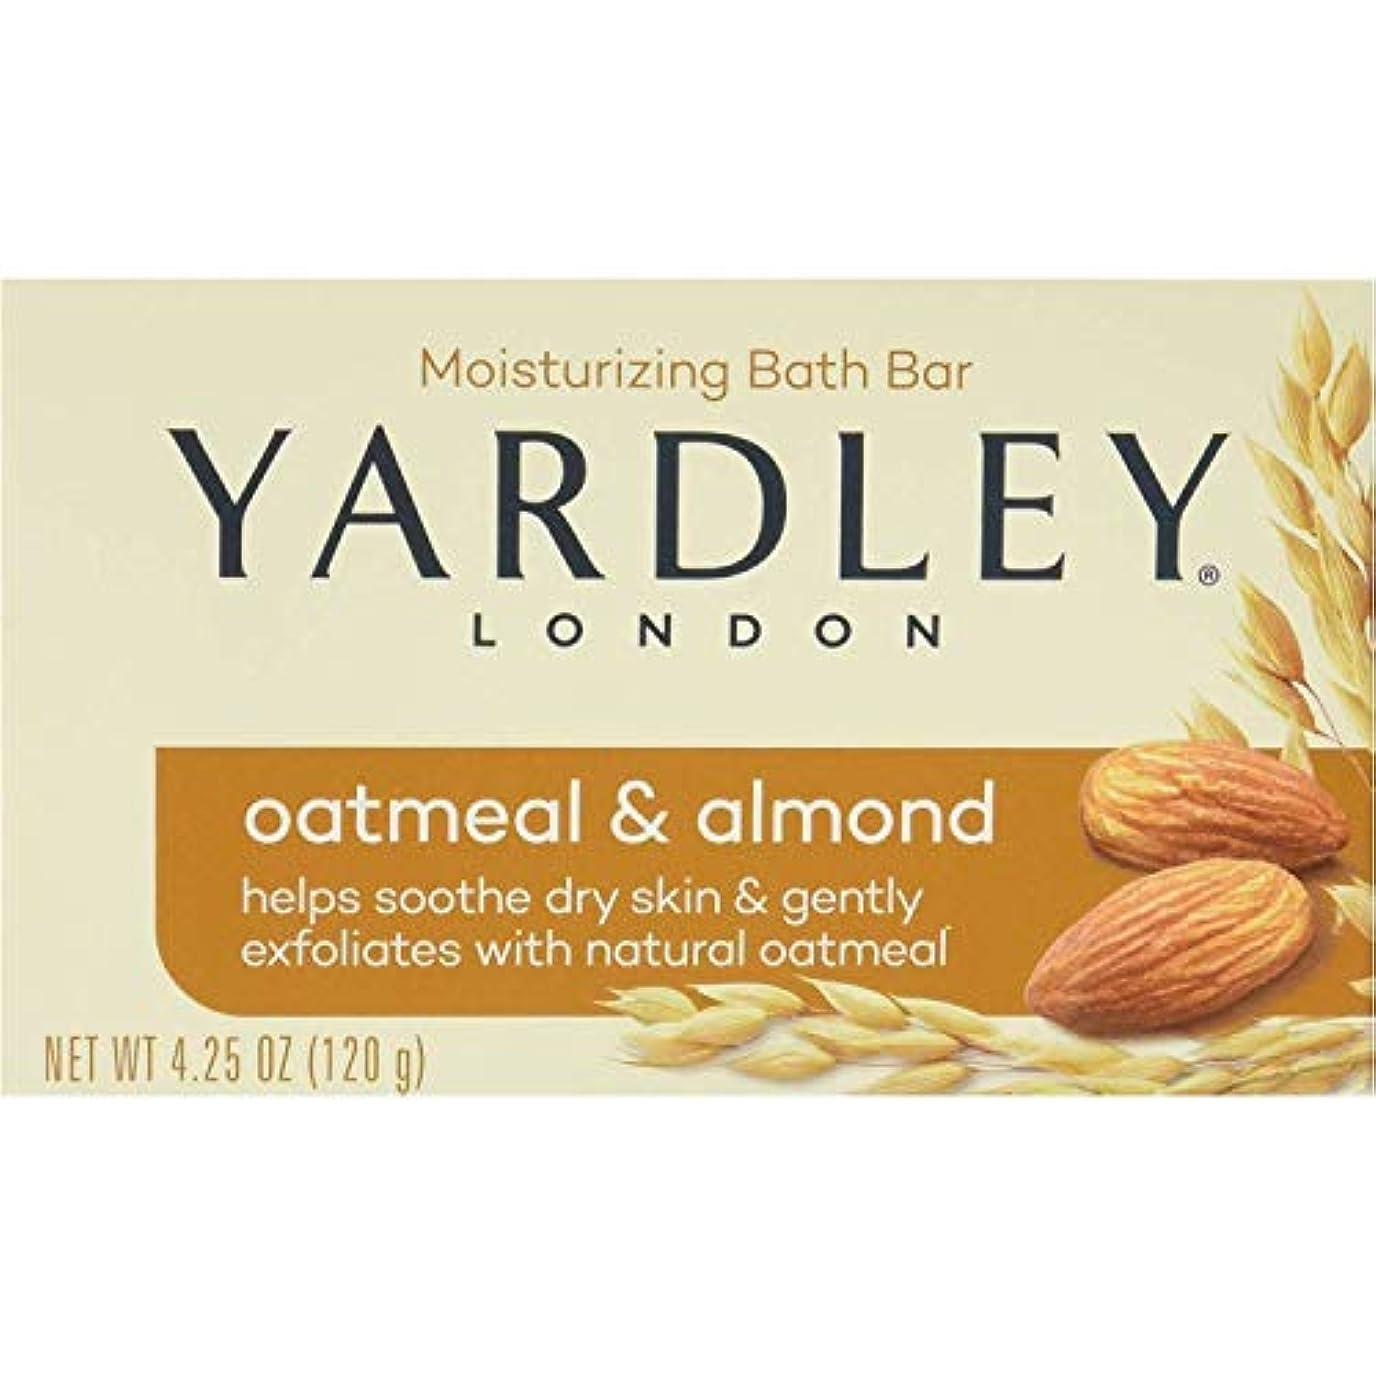 無駄フォルダ痴漢Yardley オートミールとアーモンド石鹸、4.25オズ。 20本のバー